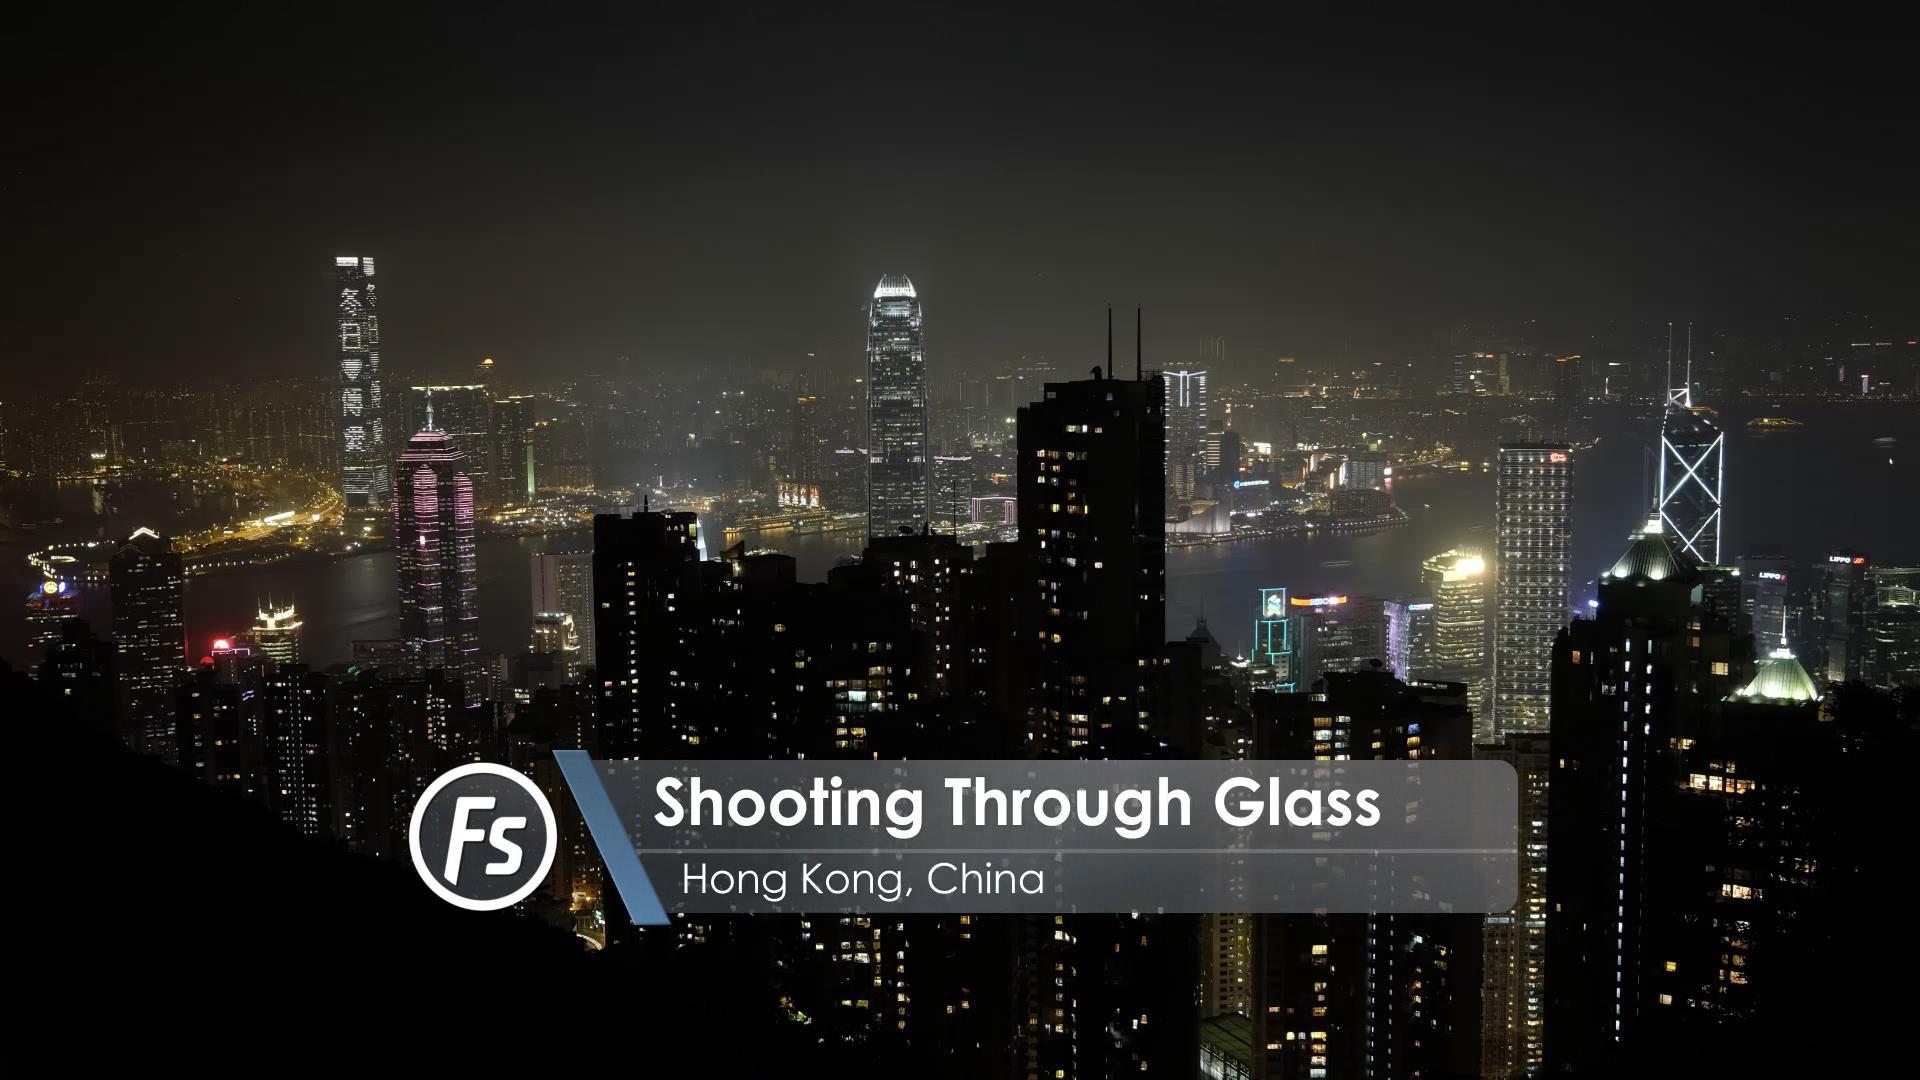 摄影教程_Fstoppers-Elia Locardi世界城市景观星轨风光摄影及后期-中英字幕 摄影教程 _预览图42